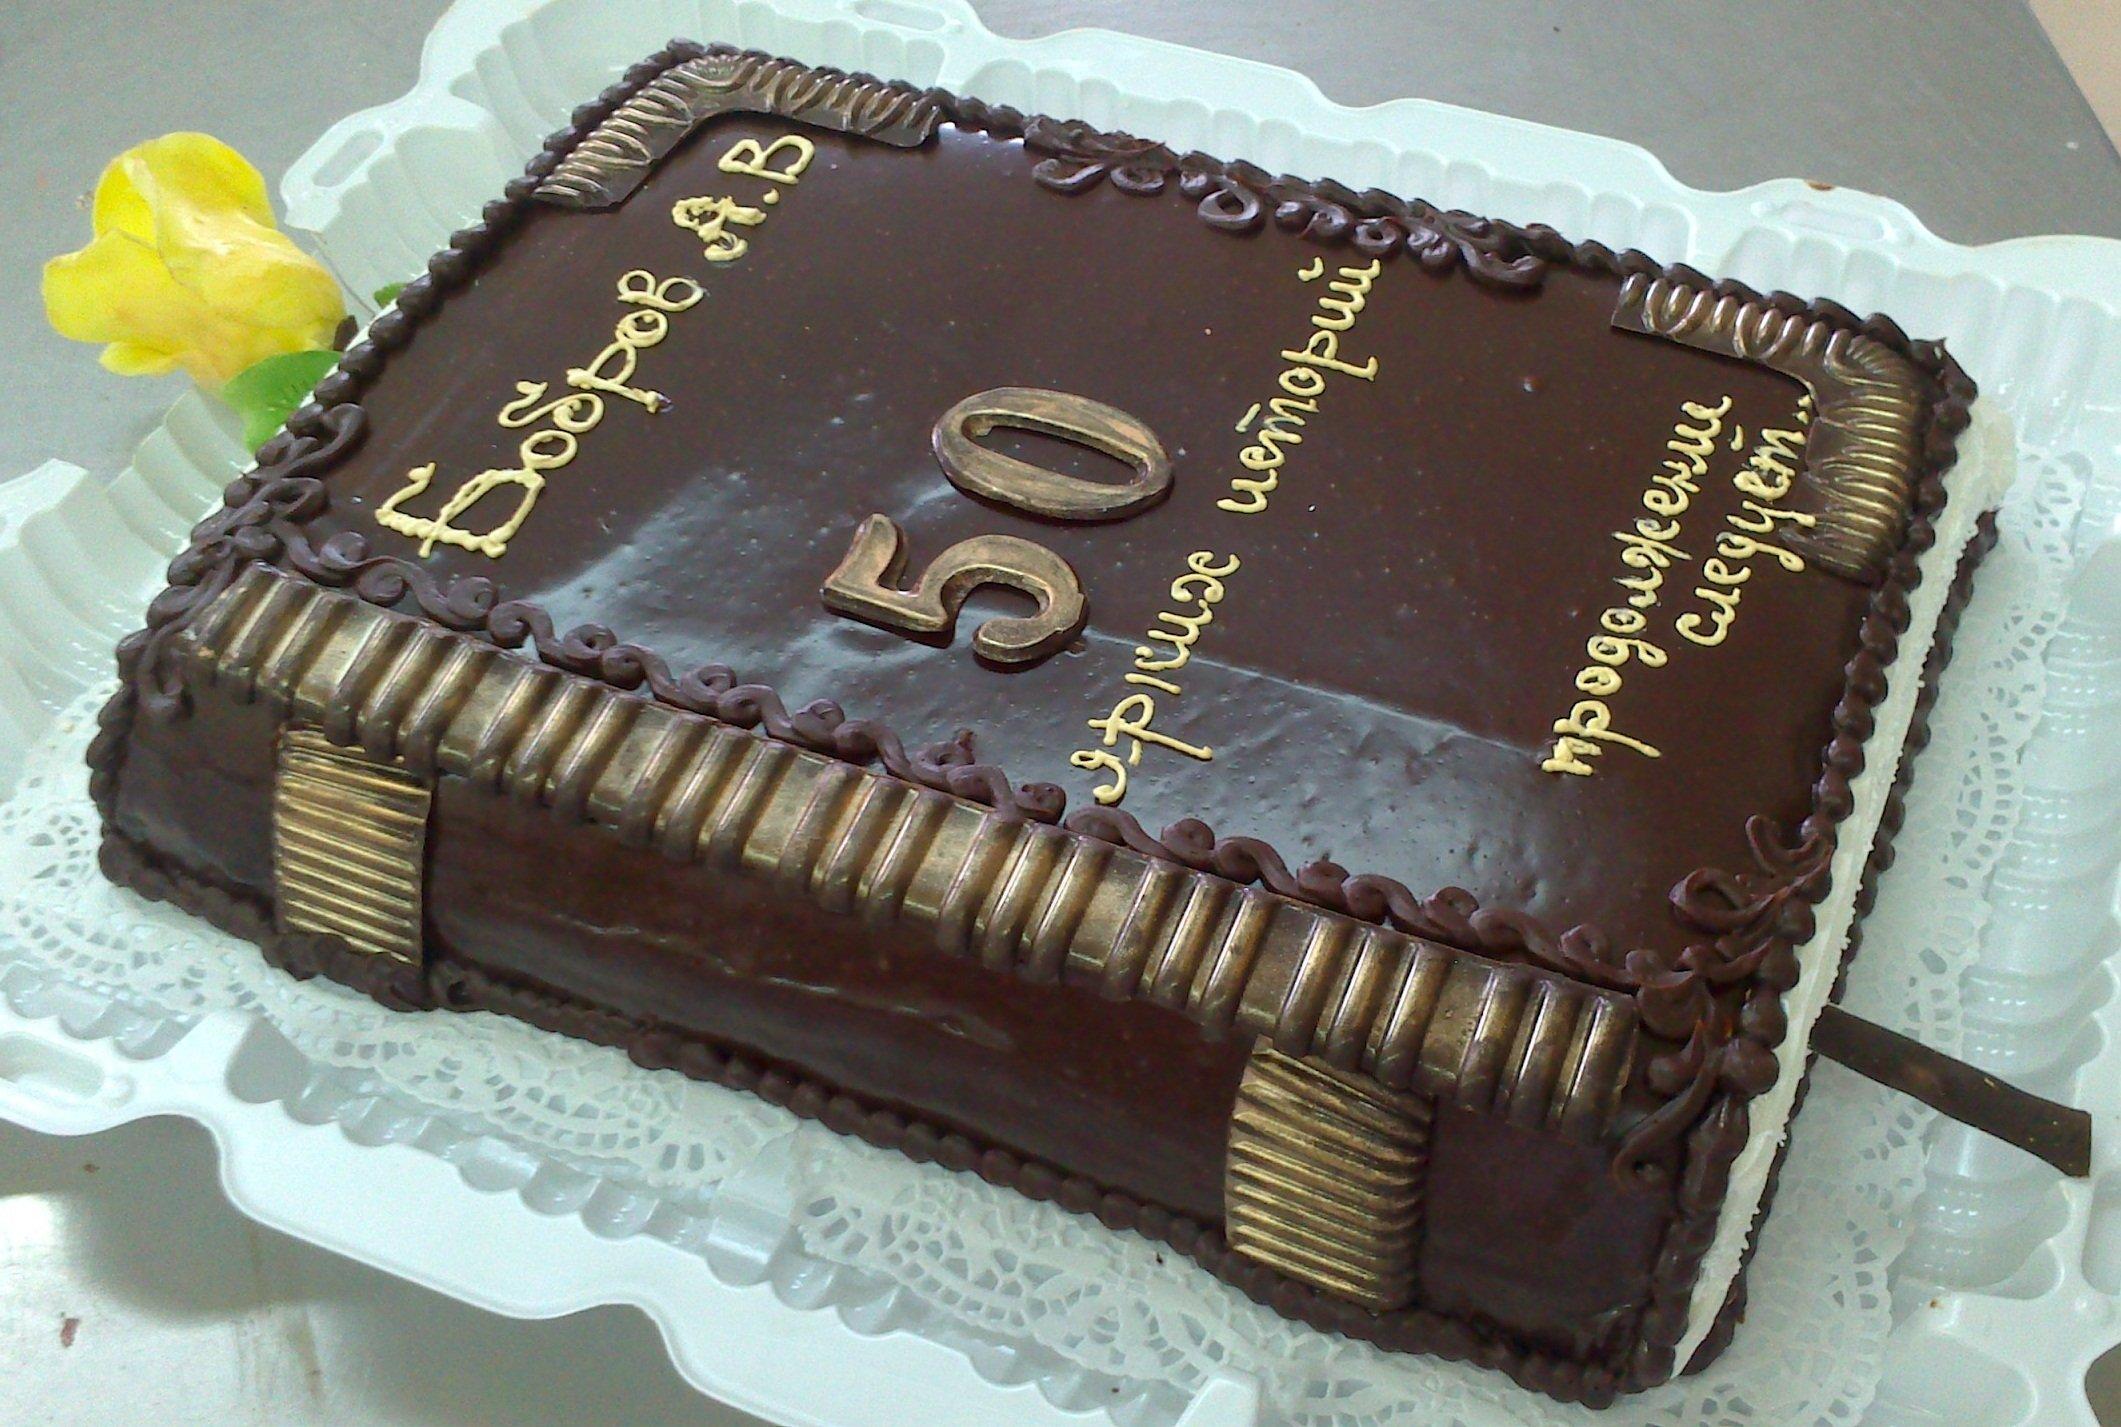 торты на день рождения юбилей мужчине фото нас можете